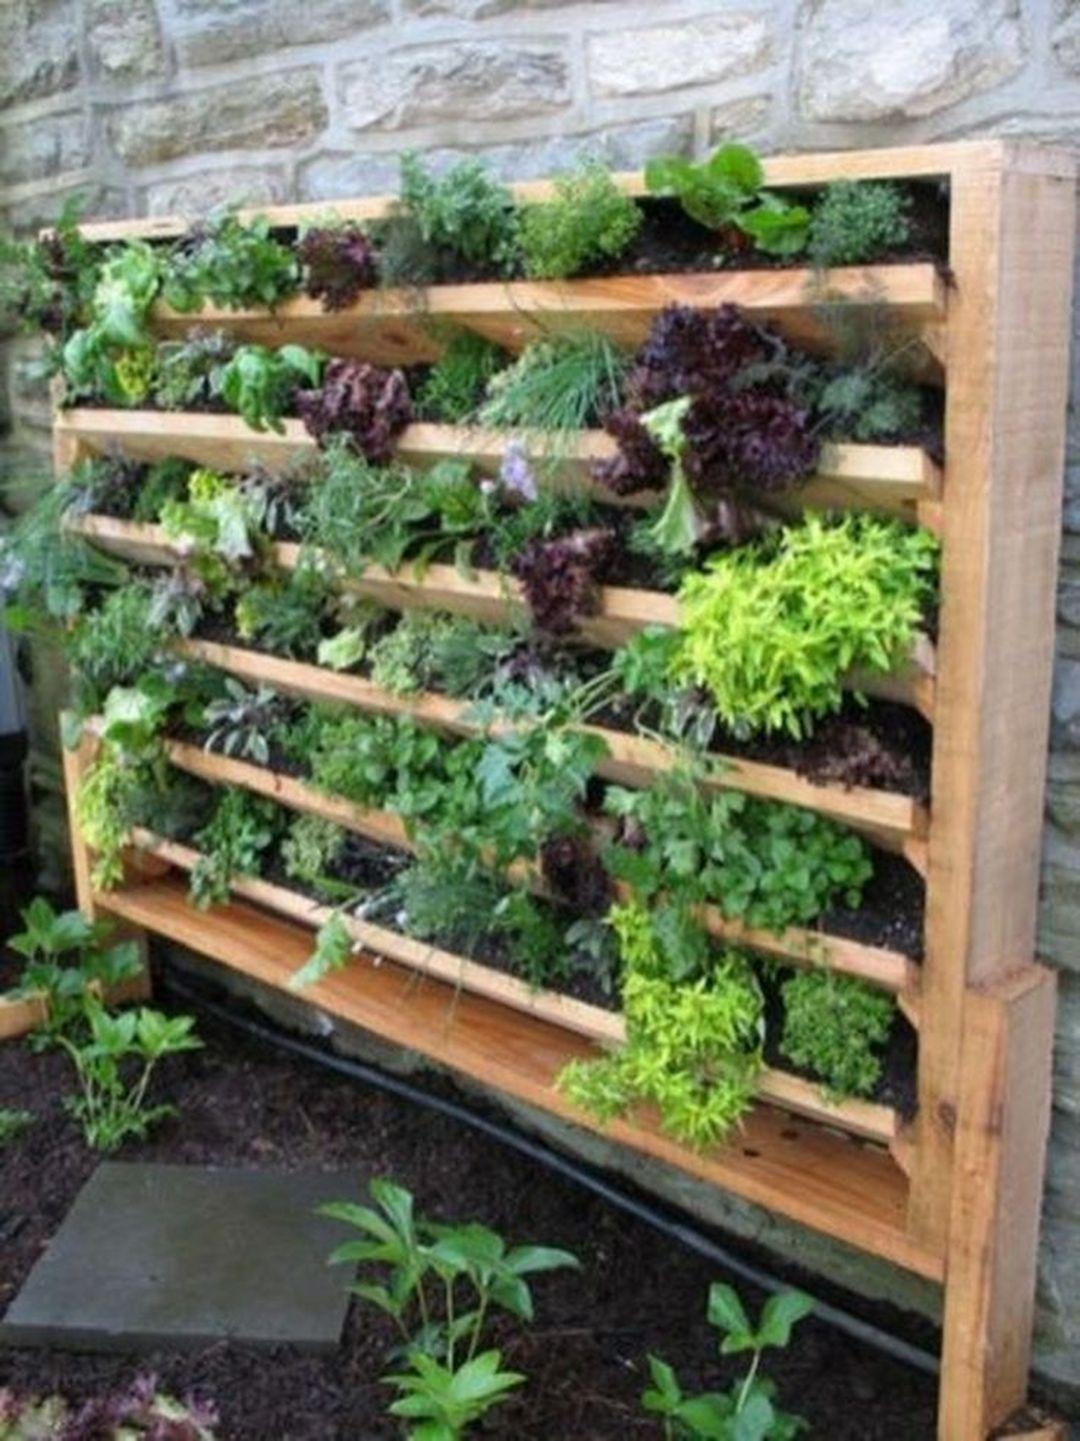 15 Incredible Diy Vertical Vegetable Garden Ideas For Small Backyard Vertical Garden Diy Vertical Garden Vertical Garden Design